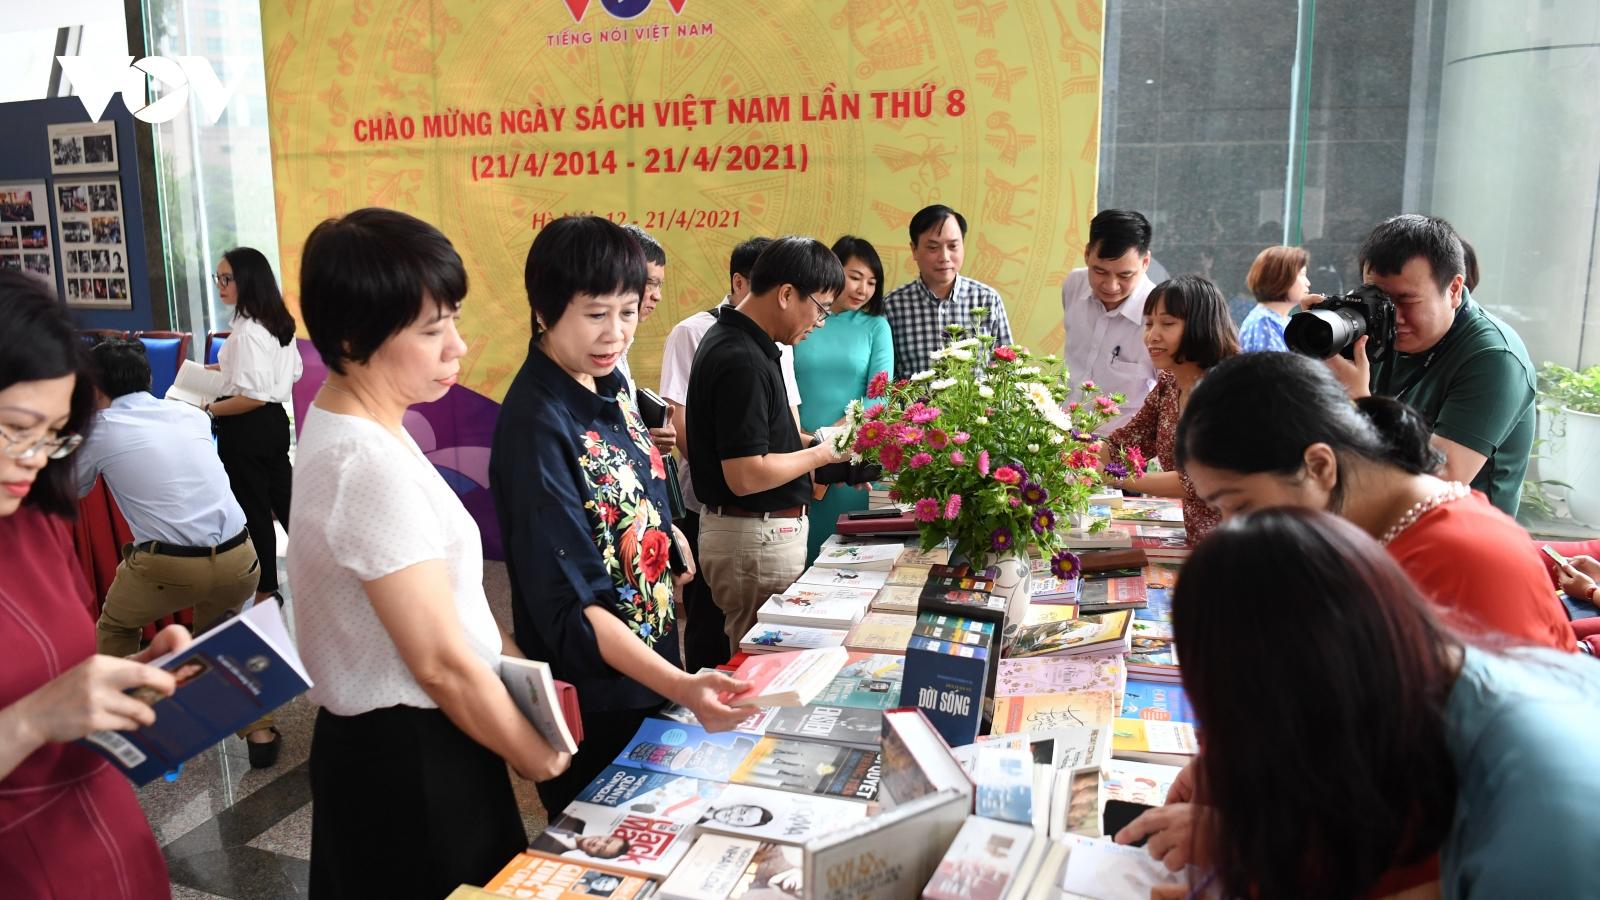 """VOV trưng bày, giới thiệu hơn 300 đầu sách mới, tư liệu quý hưởng ứng """"Ngày sách Việt Nam"""""""